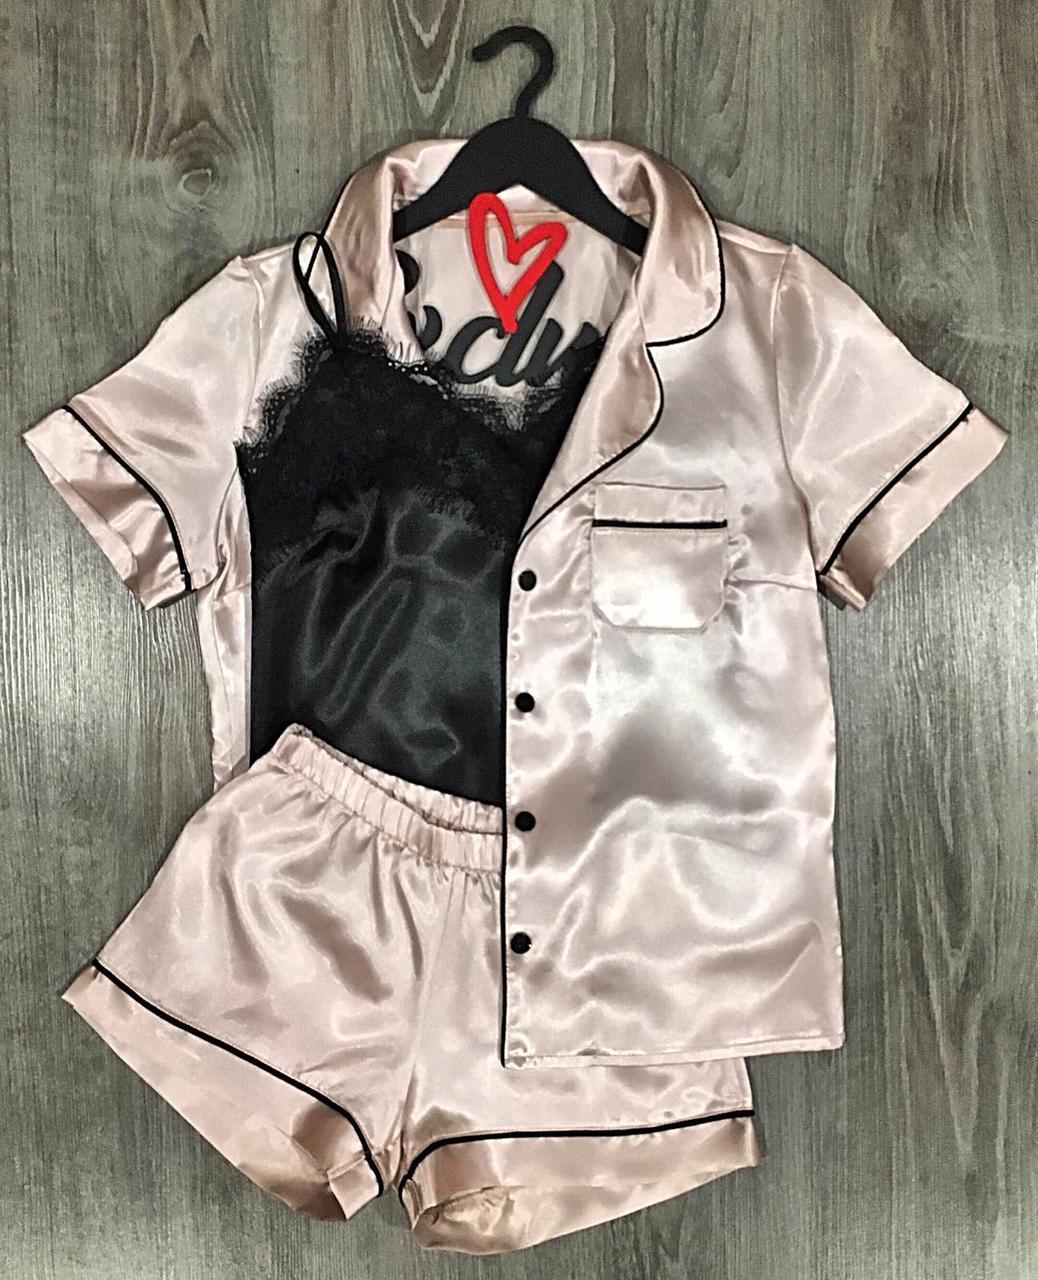 Рубашка и шорты с атласным кантом + майка с кружевом. Стильный домашний набор одежды.